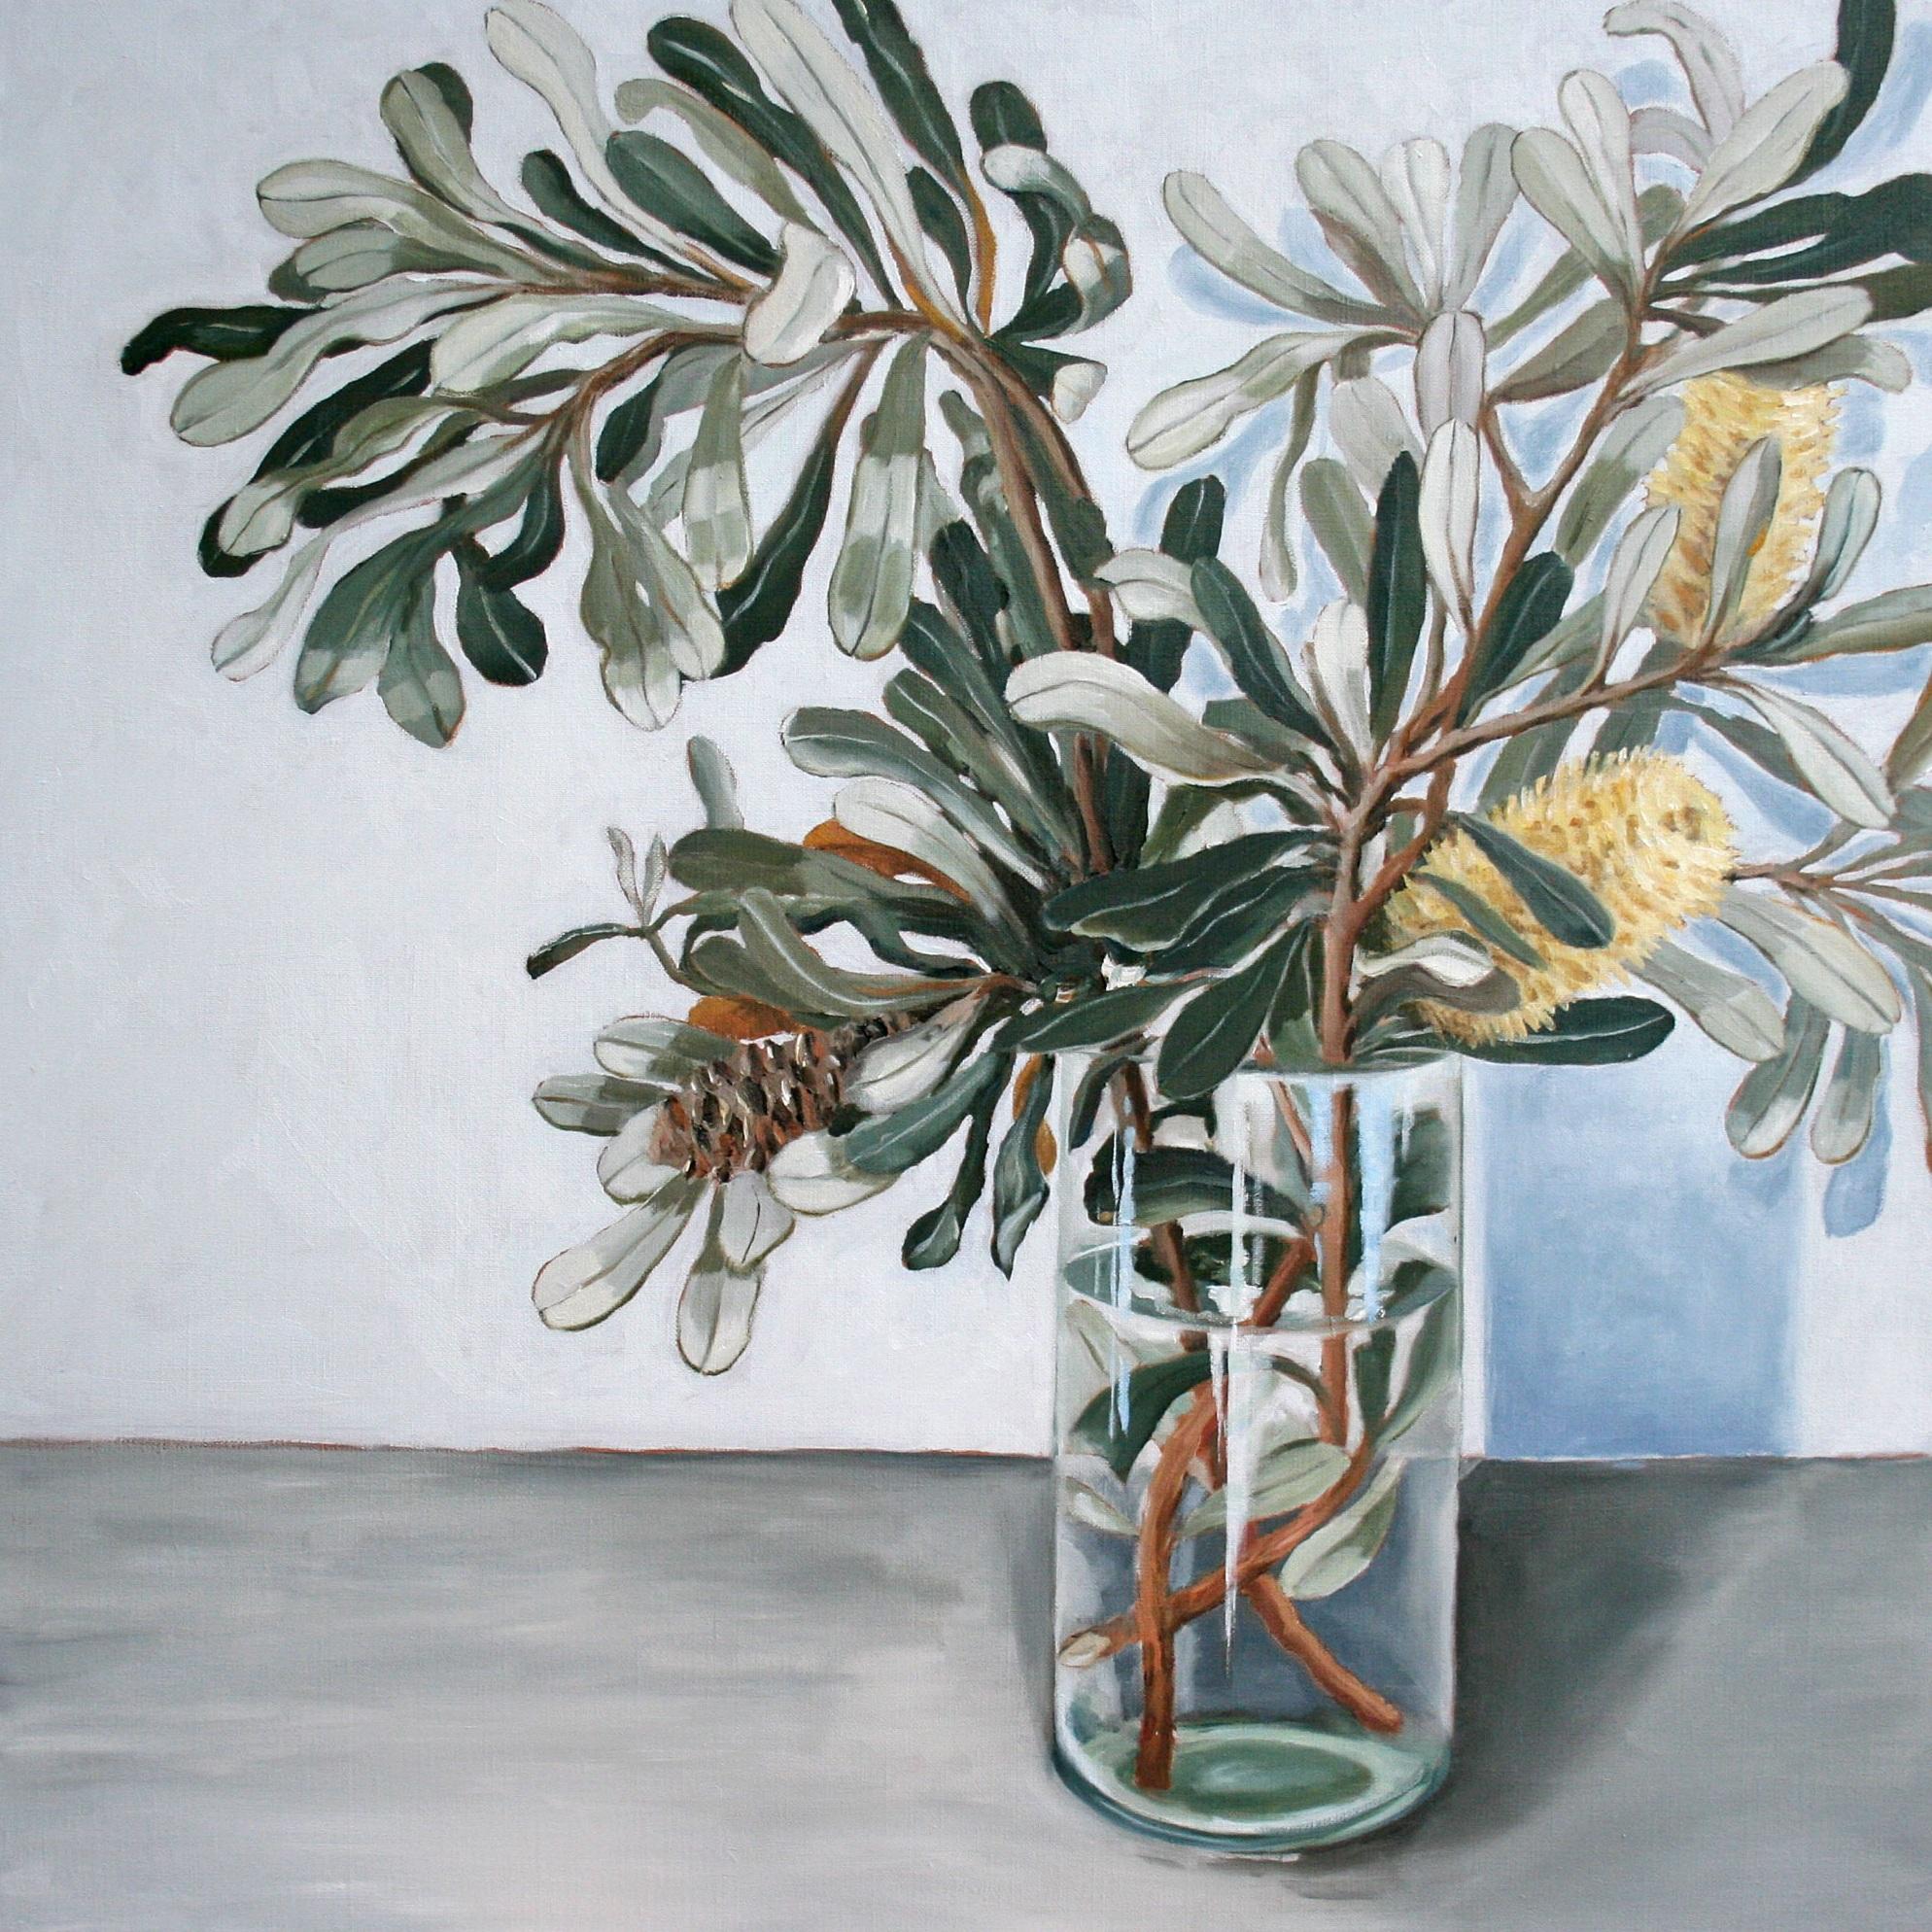 Banksia in Glass Vase - SOLD